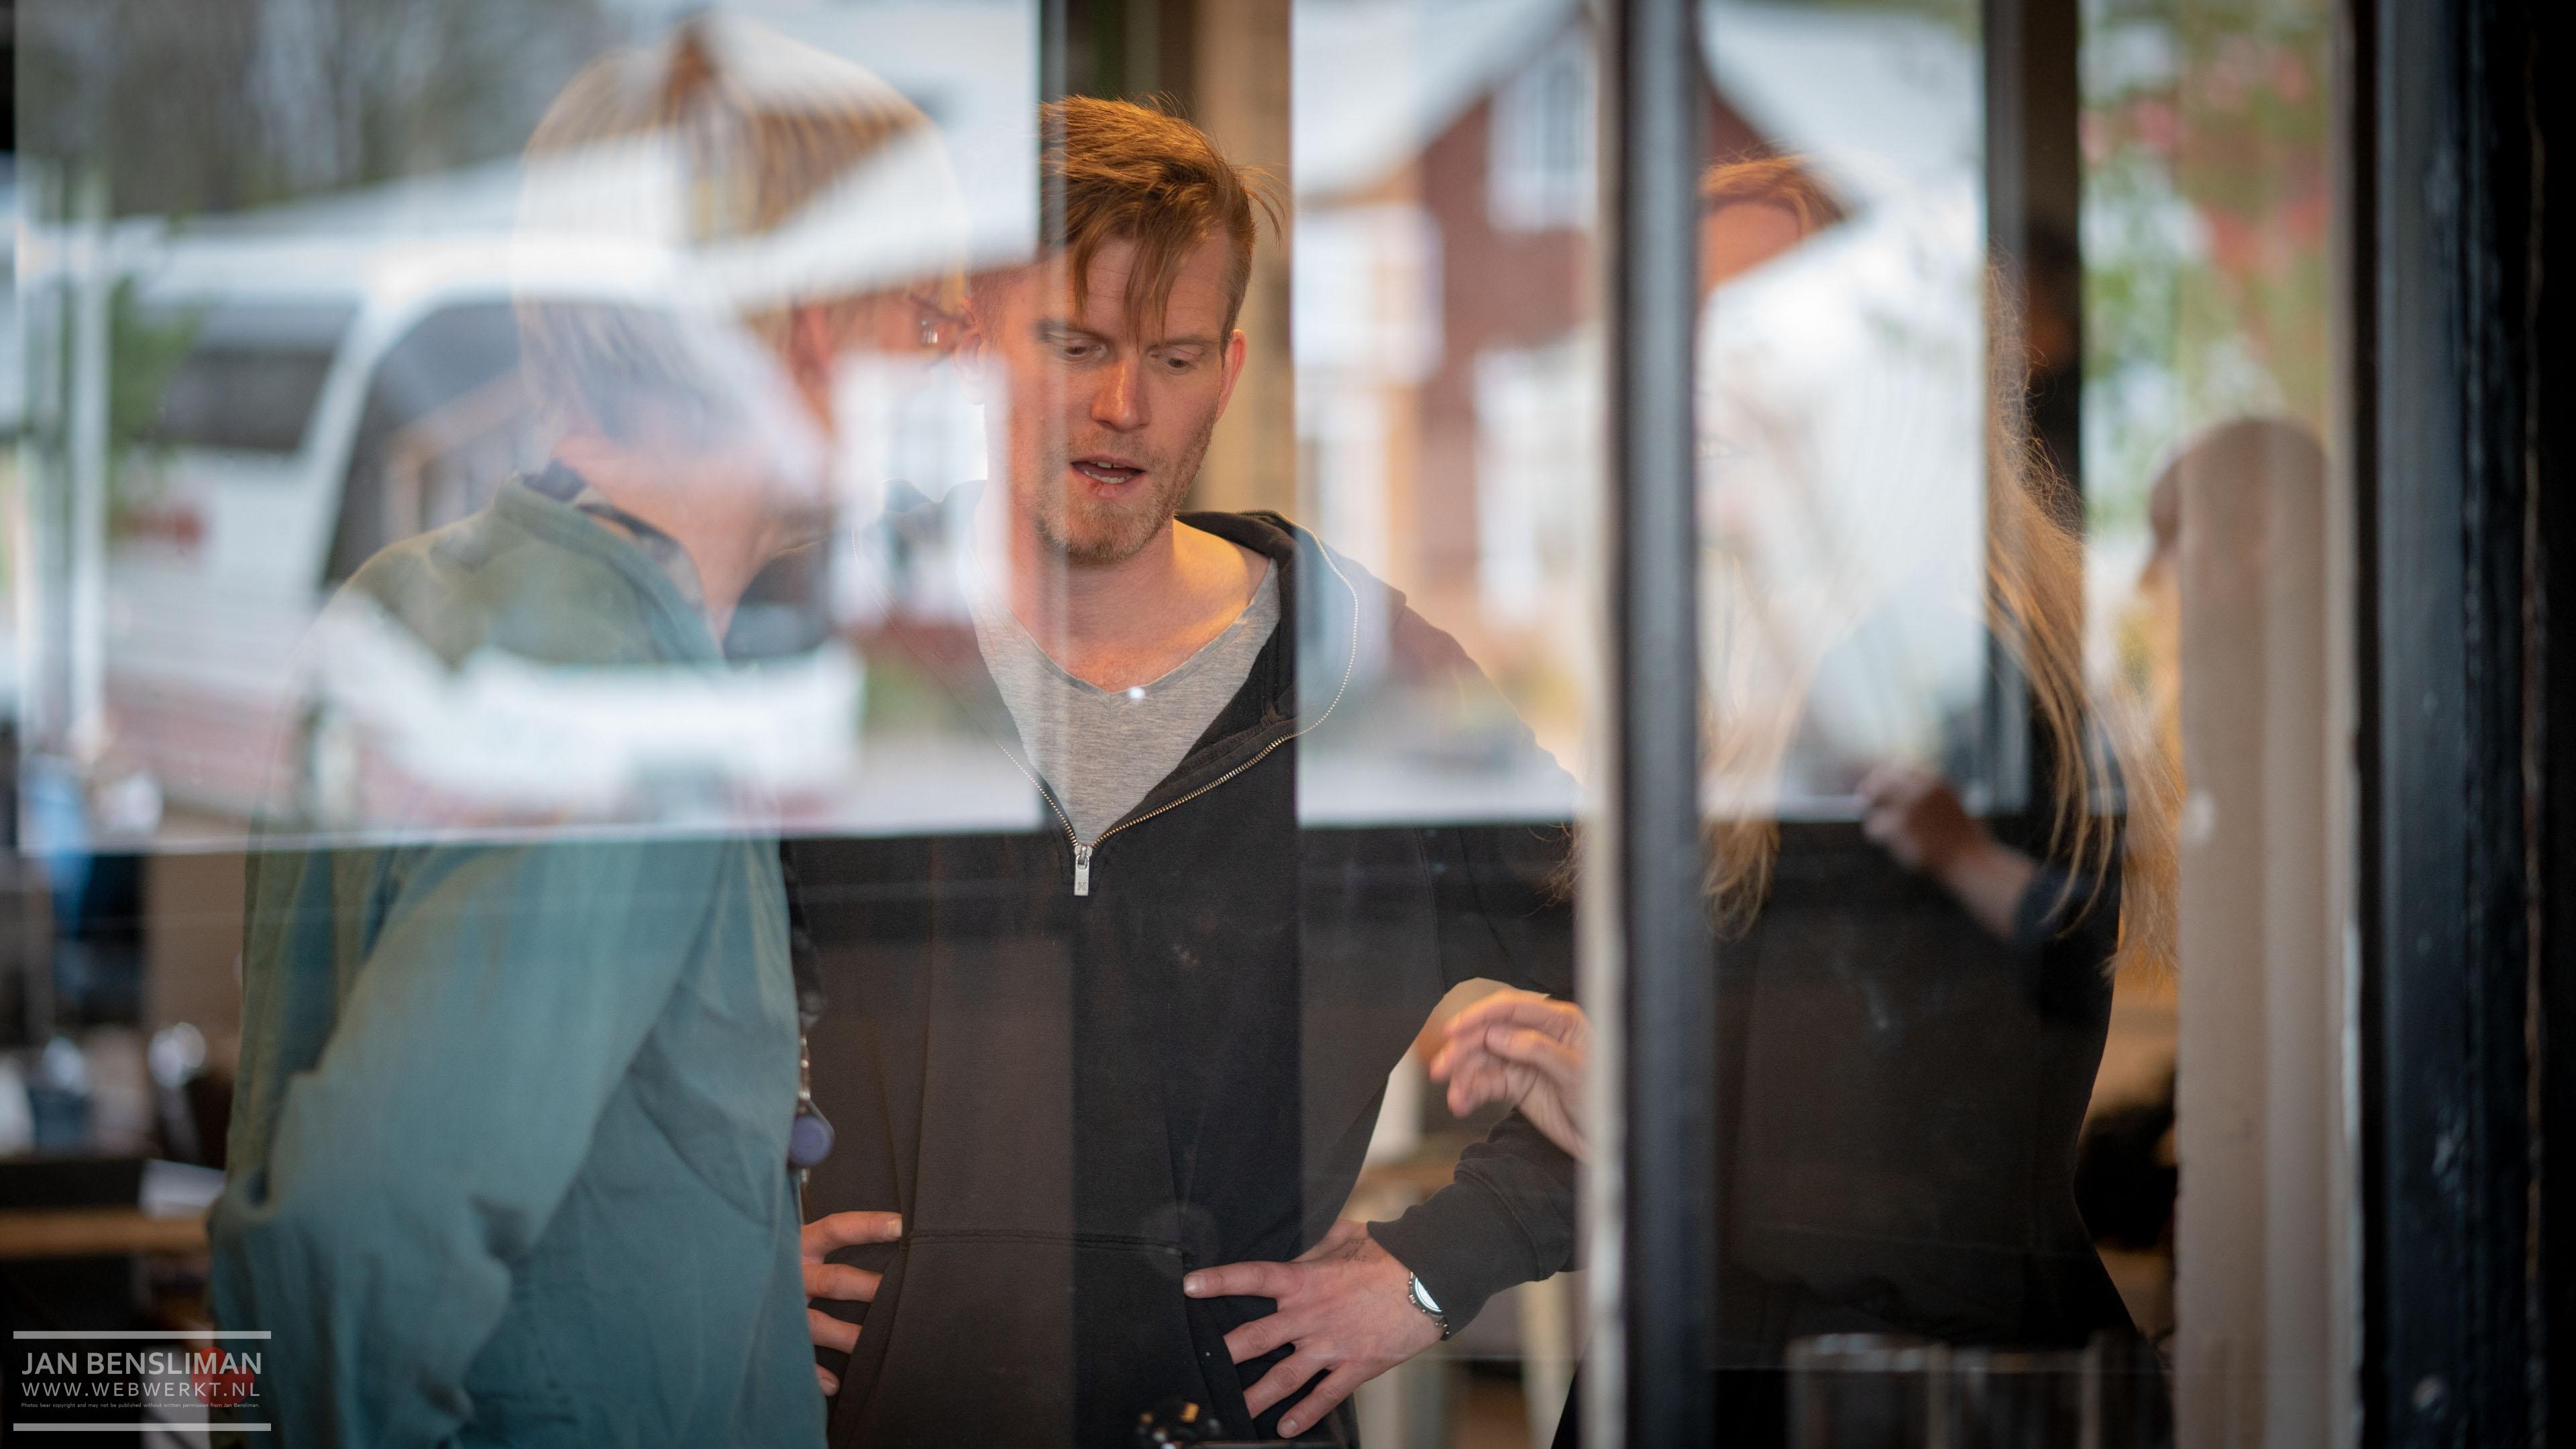 Jan Bensliman-inkoop@webwerkt.nl-DSC06300